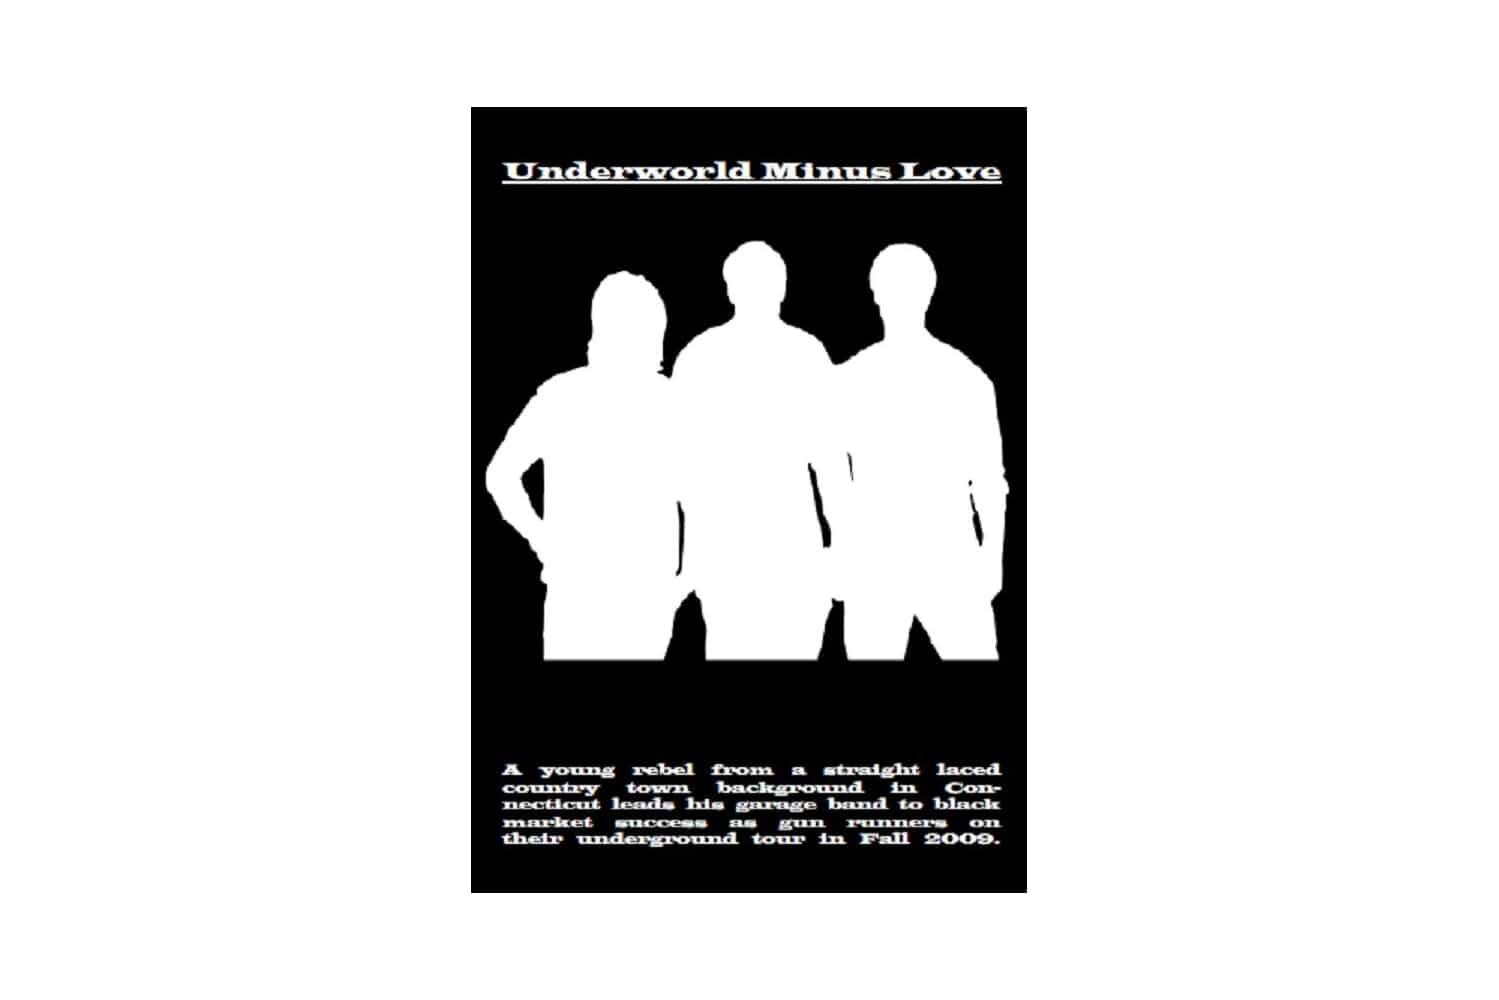 Underworld Minus Love (2018)